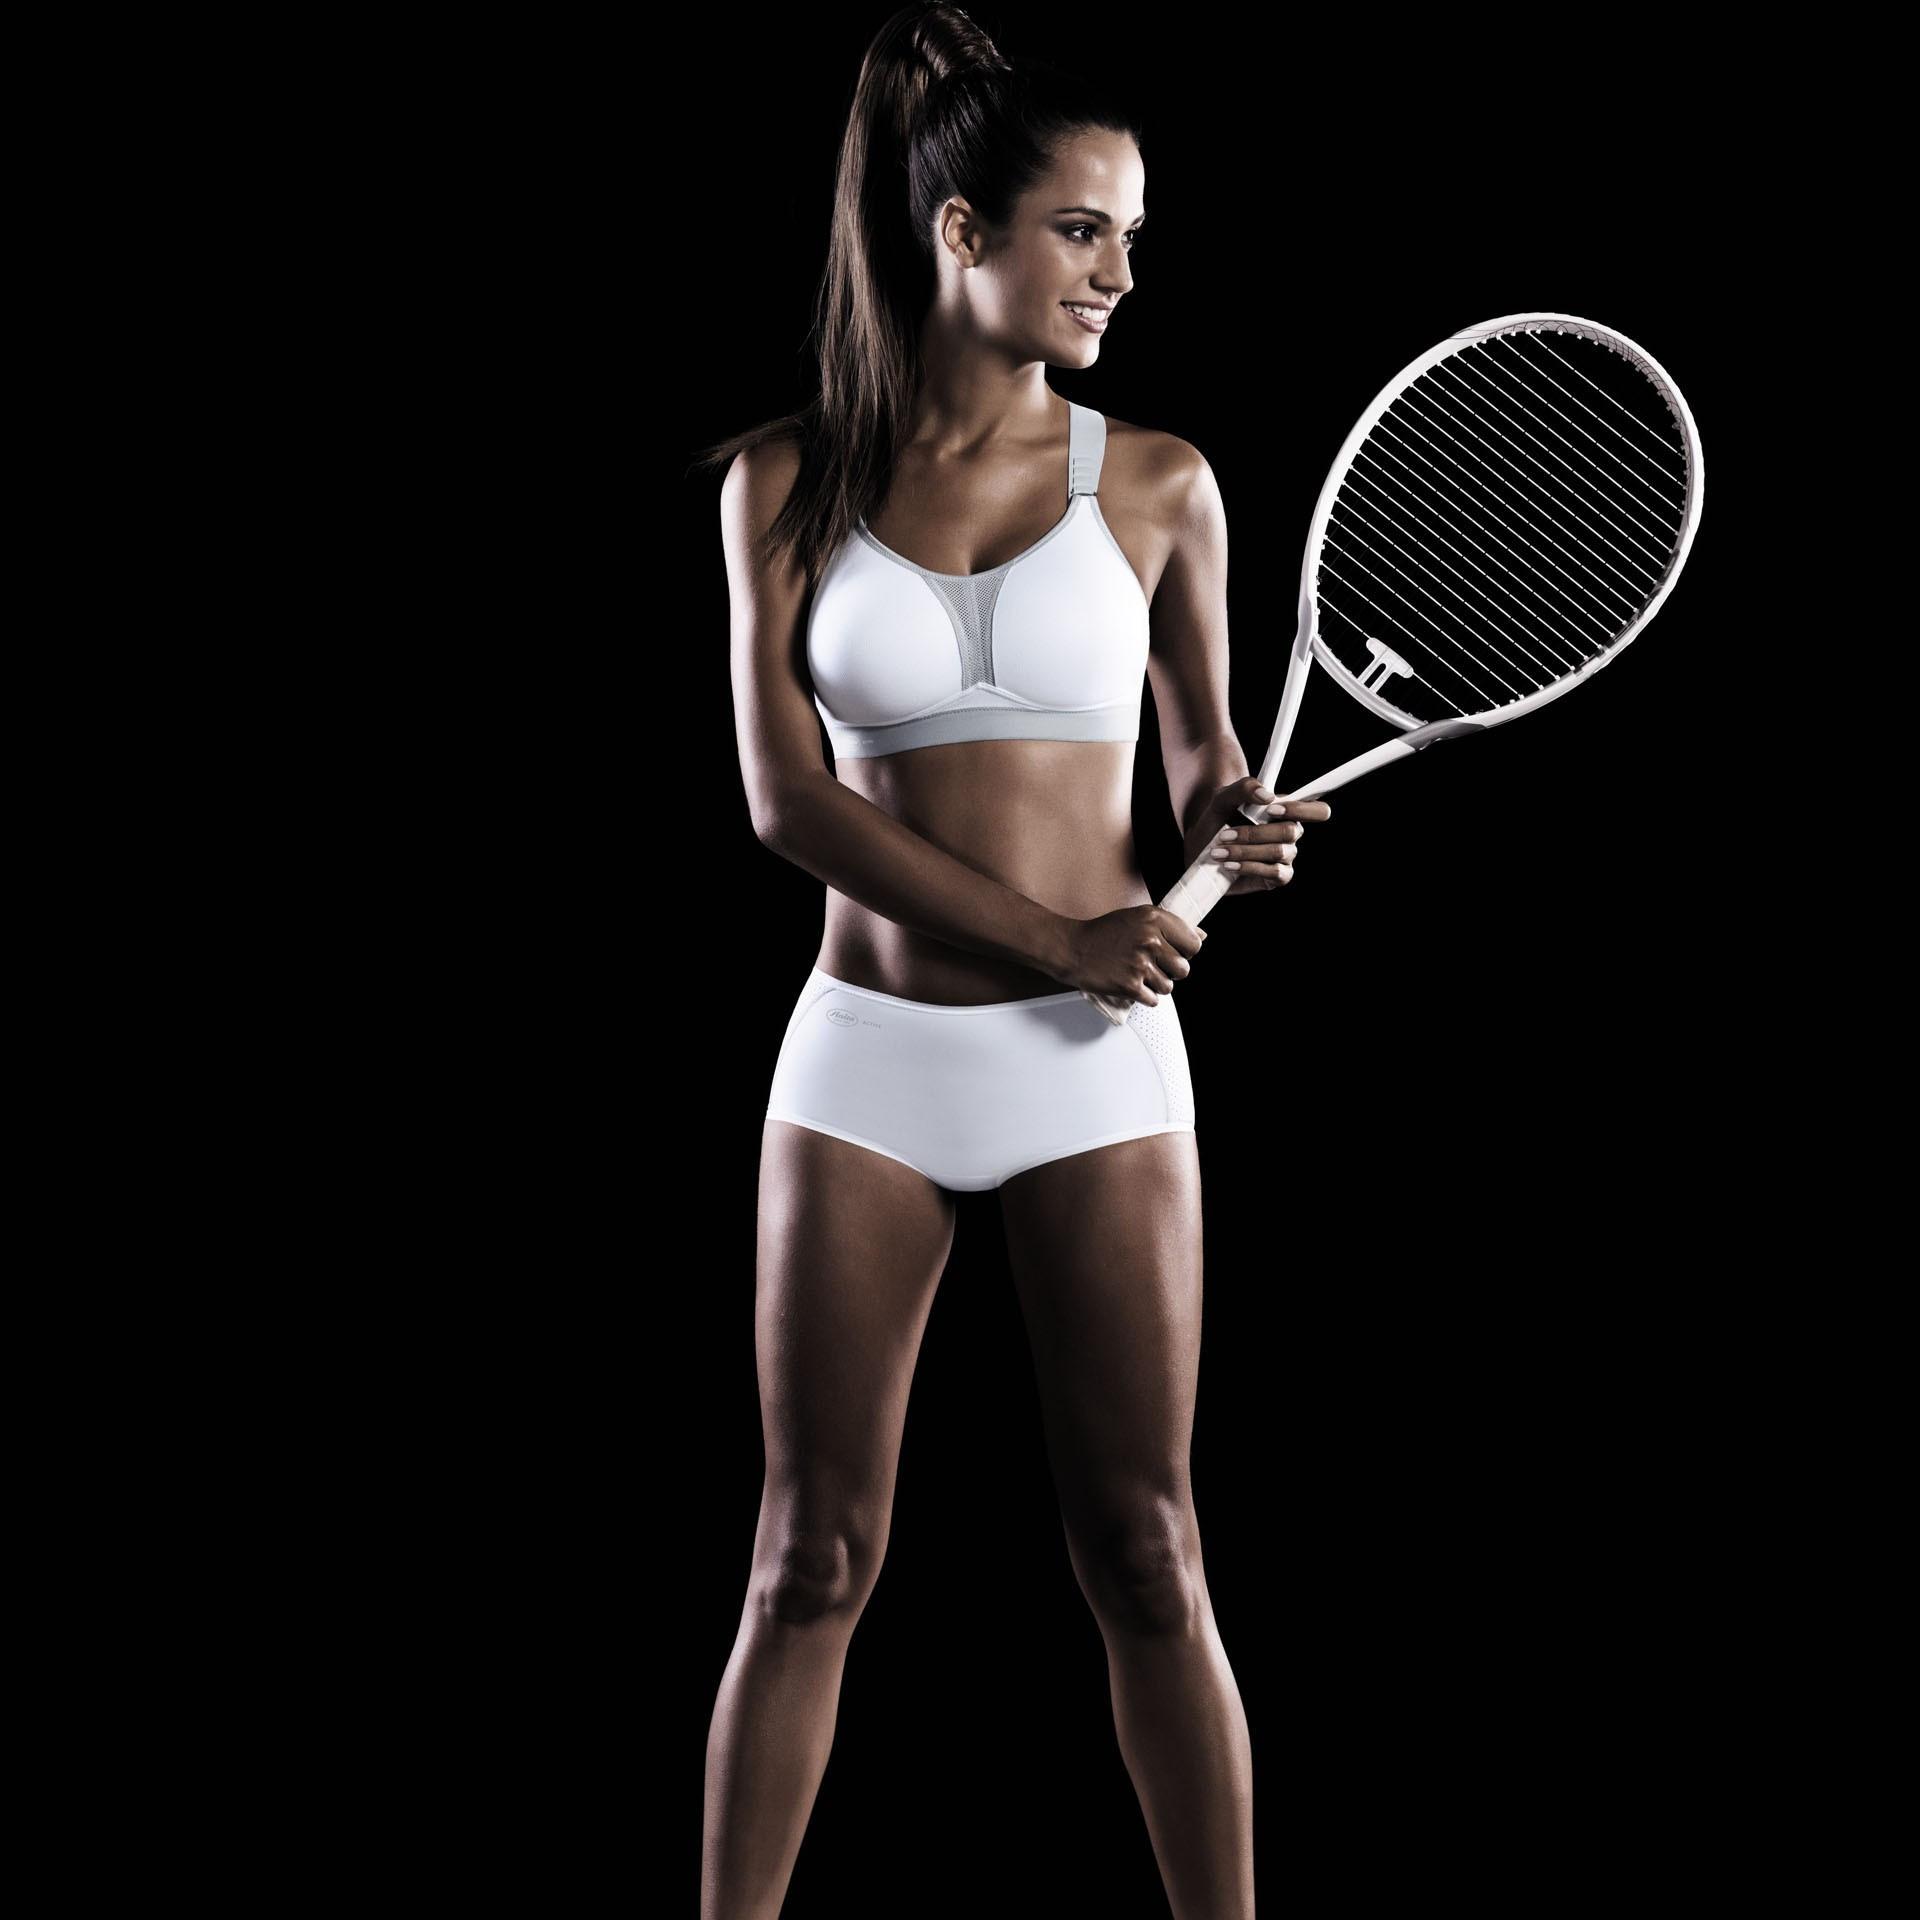 Sportovní podprsenka DynamiX Star 5537 - Anita Barva: šedá-tyrkysová, Velikost: 90C